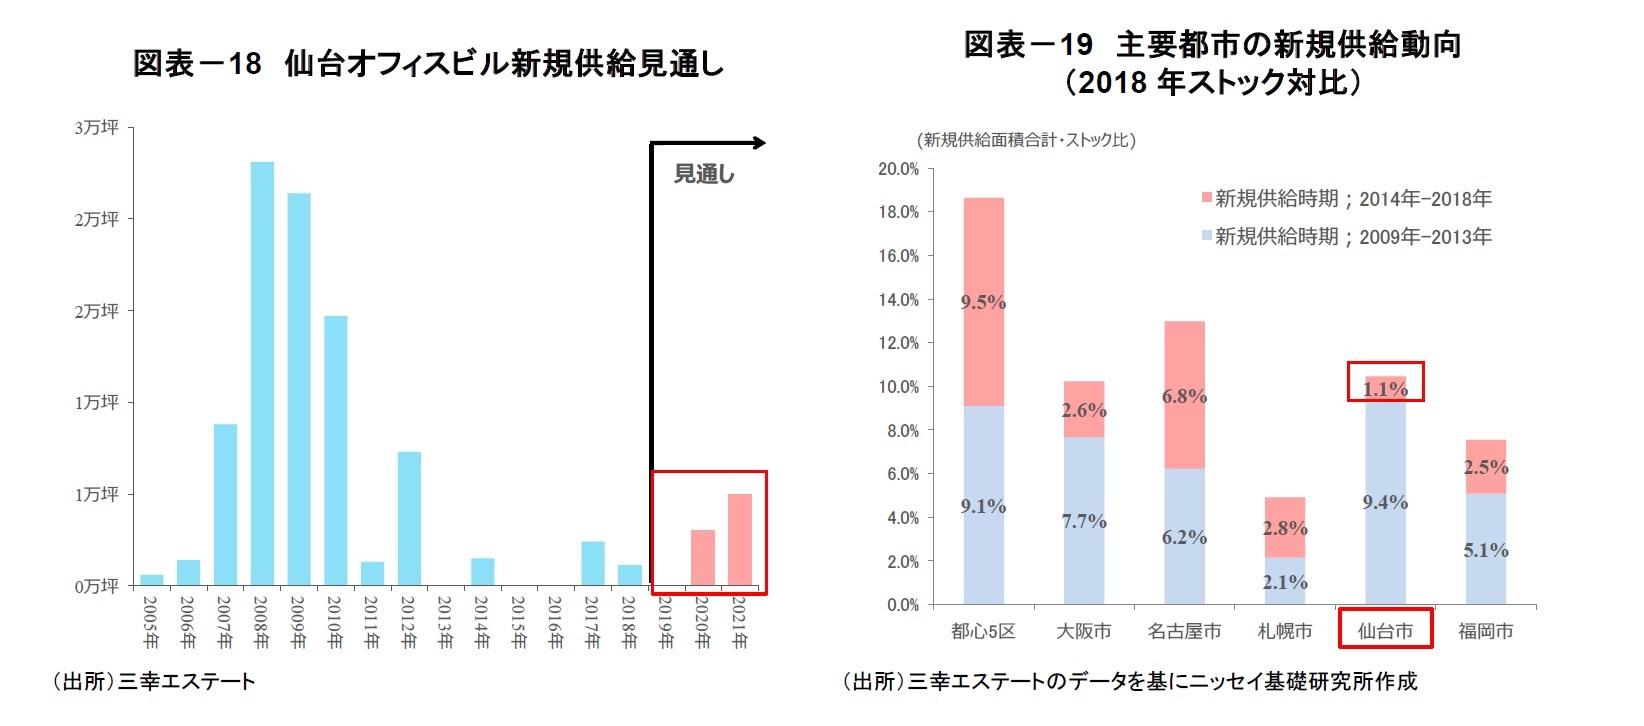 図表-18 仙台オフィスビル新規供給見通し/図表-19 主要都市の新規供給動向(2018年ストック対比)